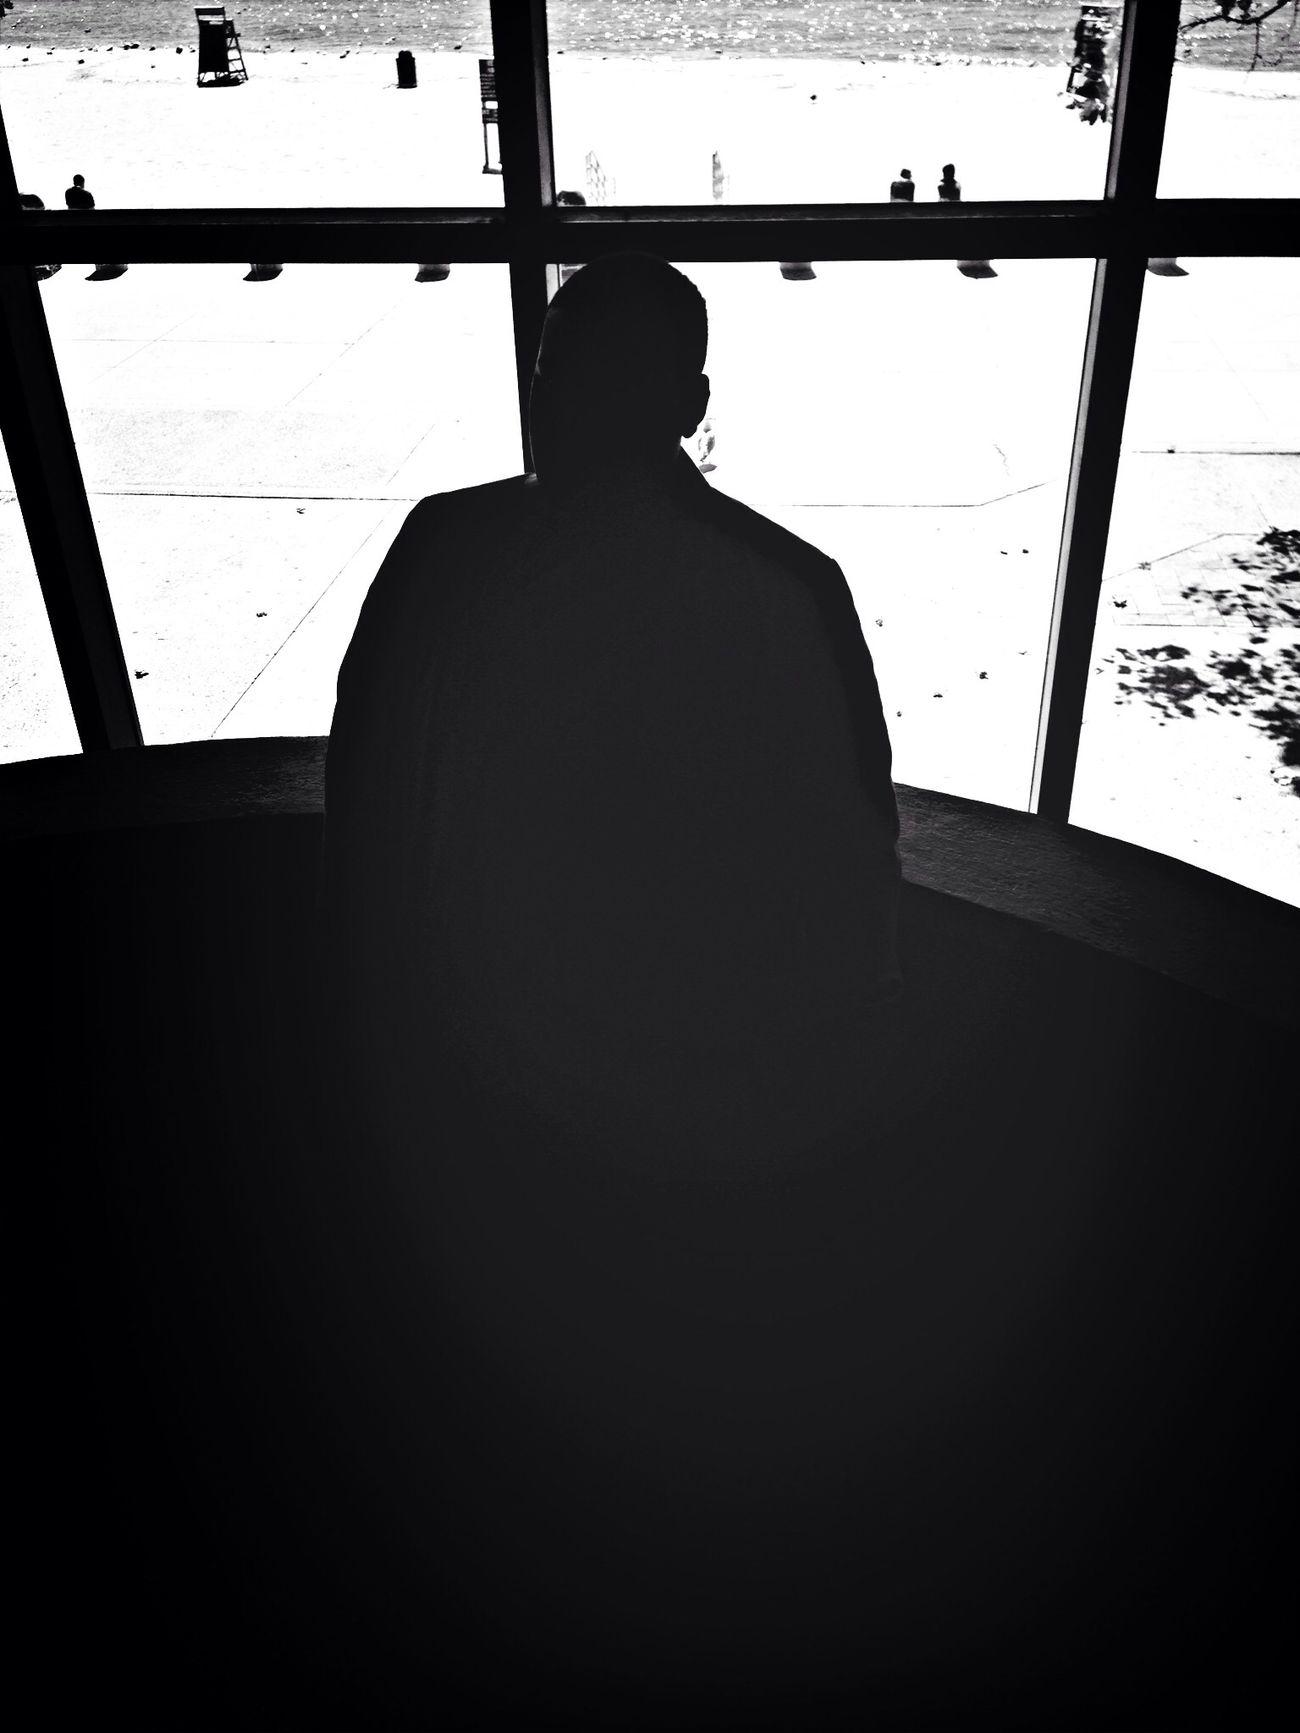 Silhouette Window Taking Photos